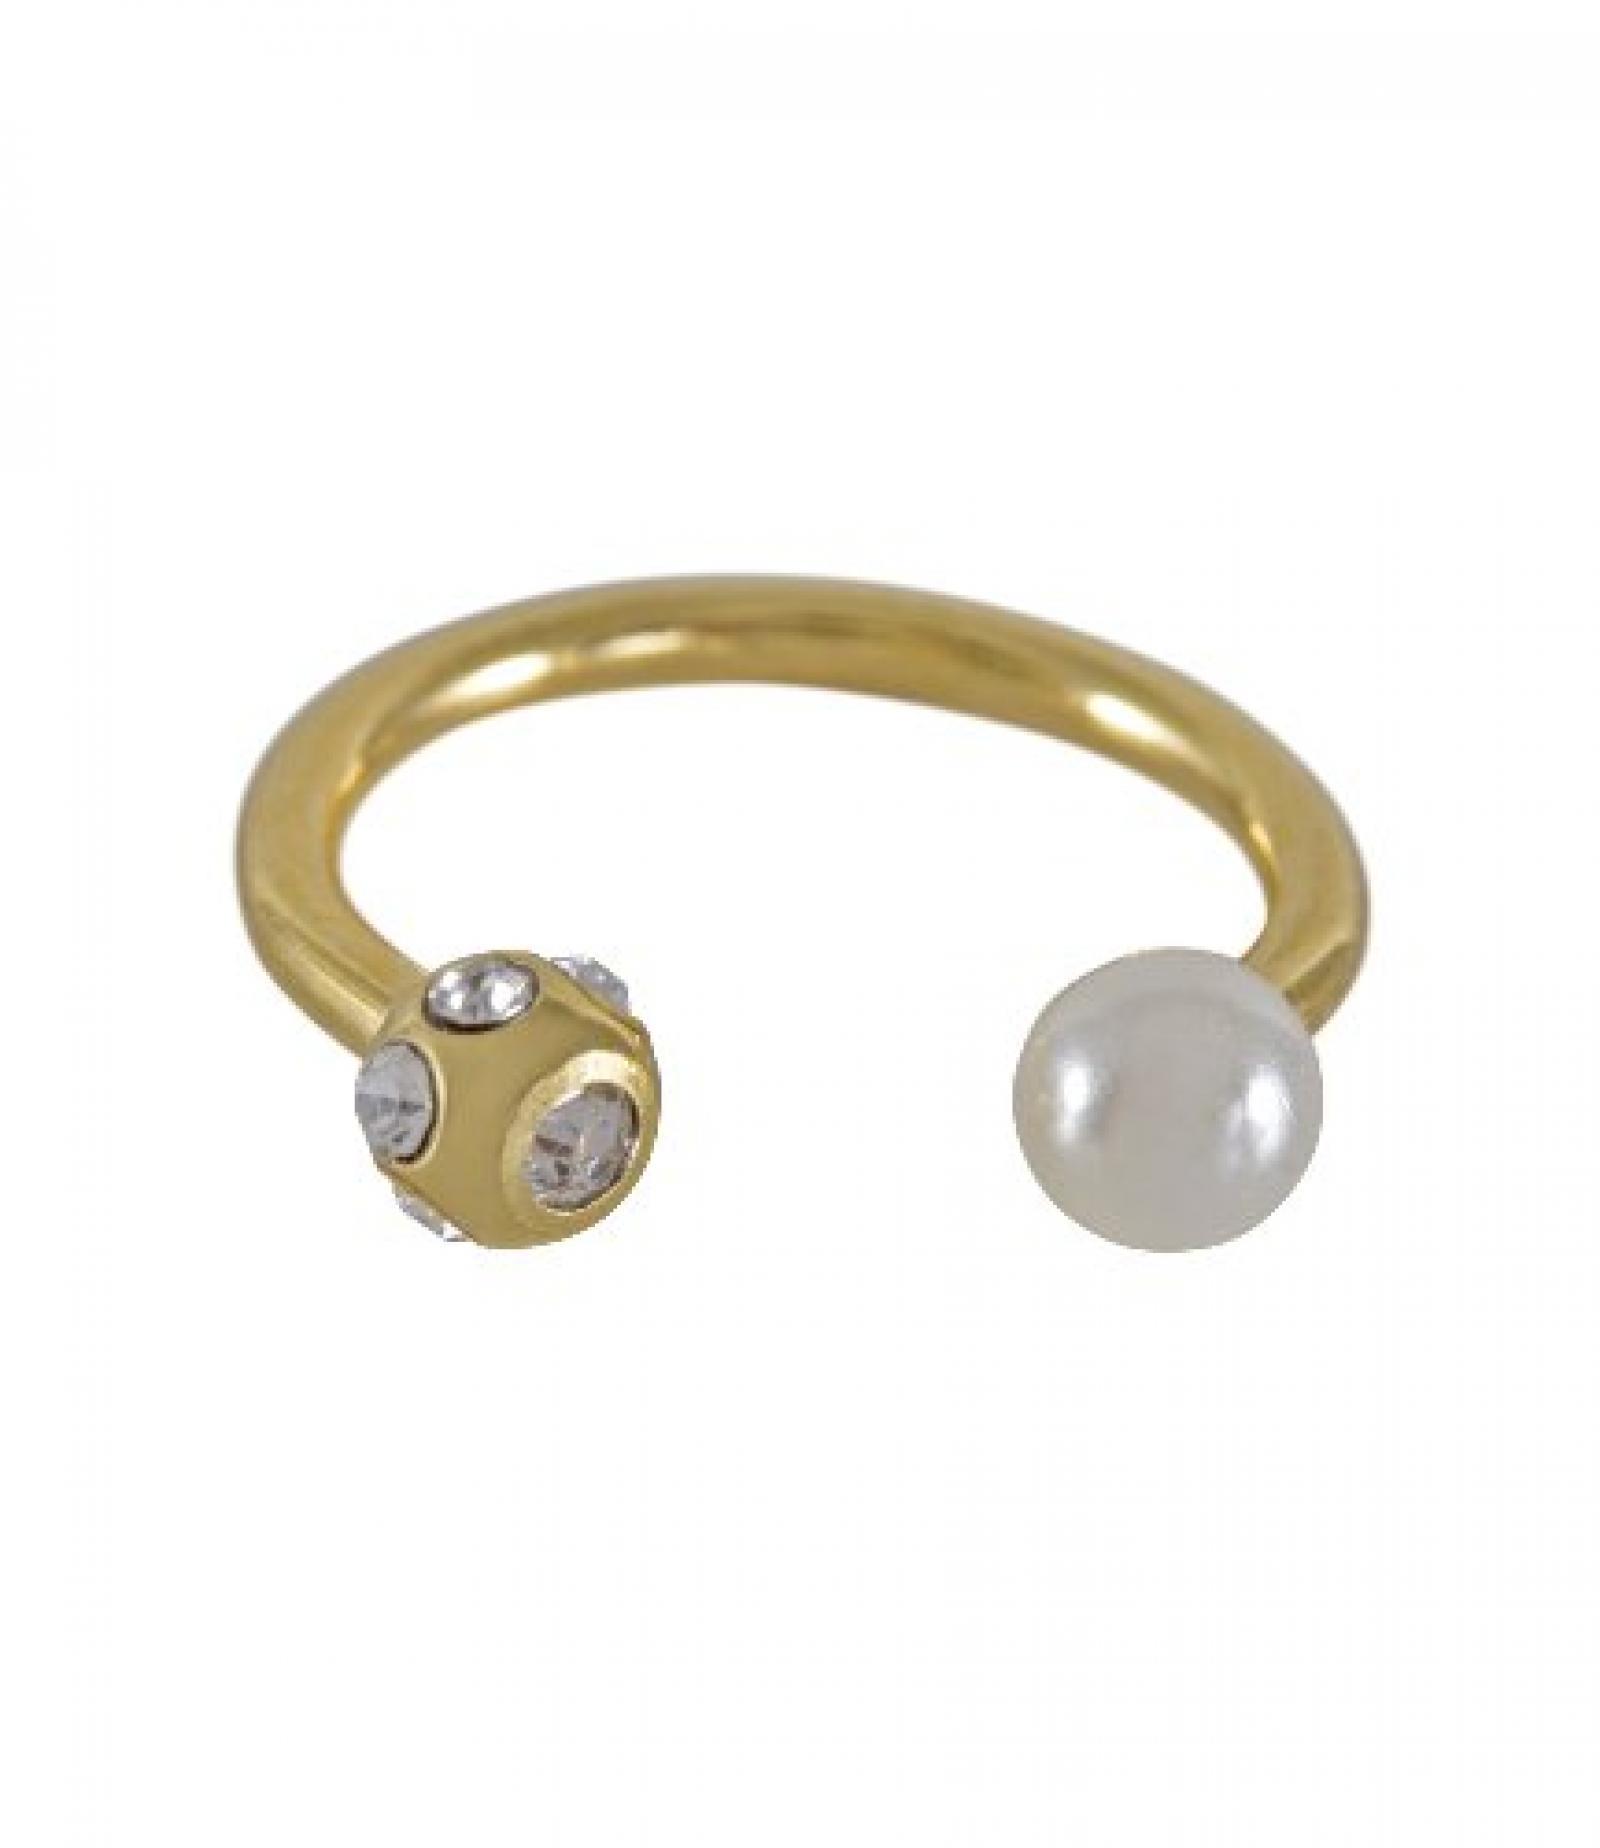 SIX goldenes Lippenpiercing mit Perle und Strasskugel (269-326)